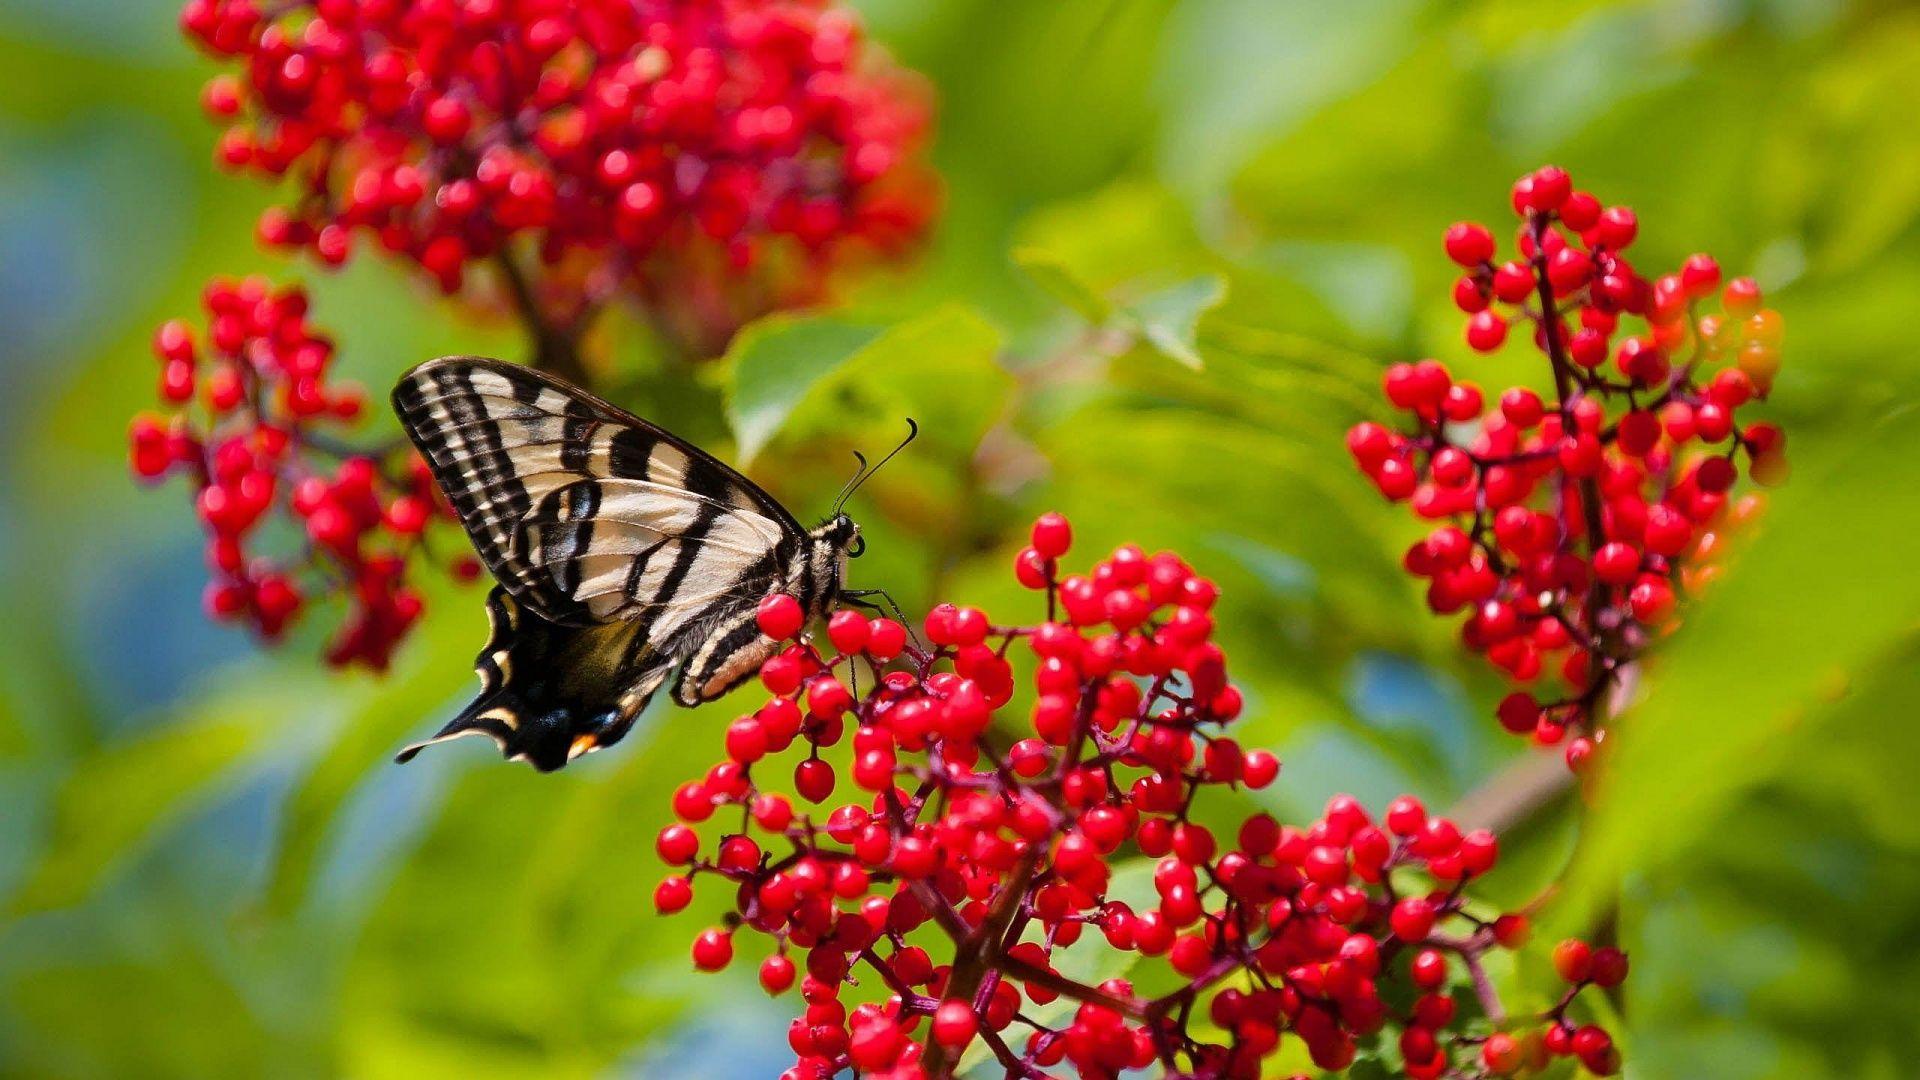 Beauty Butterfly On Red Flower Hd Wallpaper Butterfly Wallpaper Beautiful Wallpapers Fruit Wallpaper